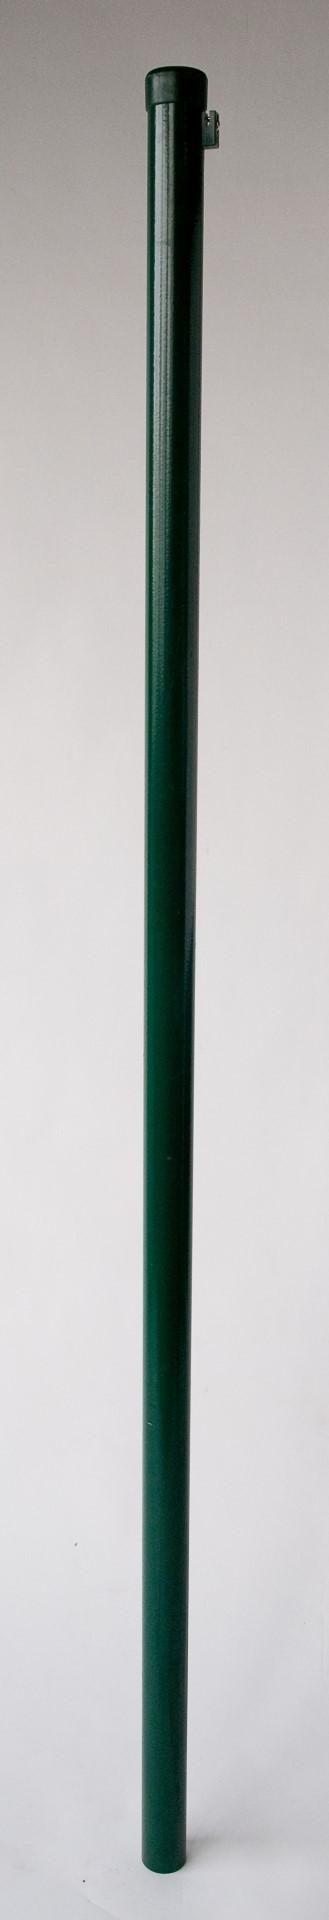 IJzeren paal Kant & klaar haag groen gecoat 175 cm